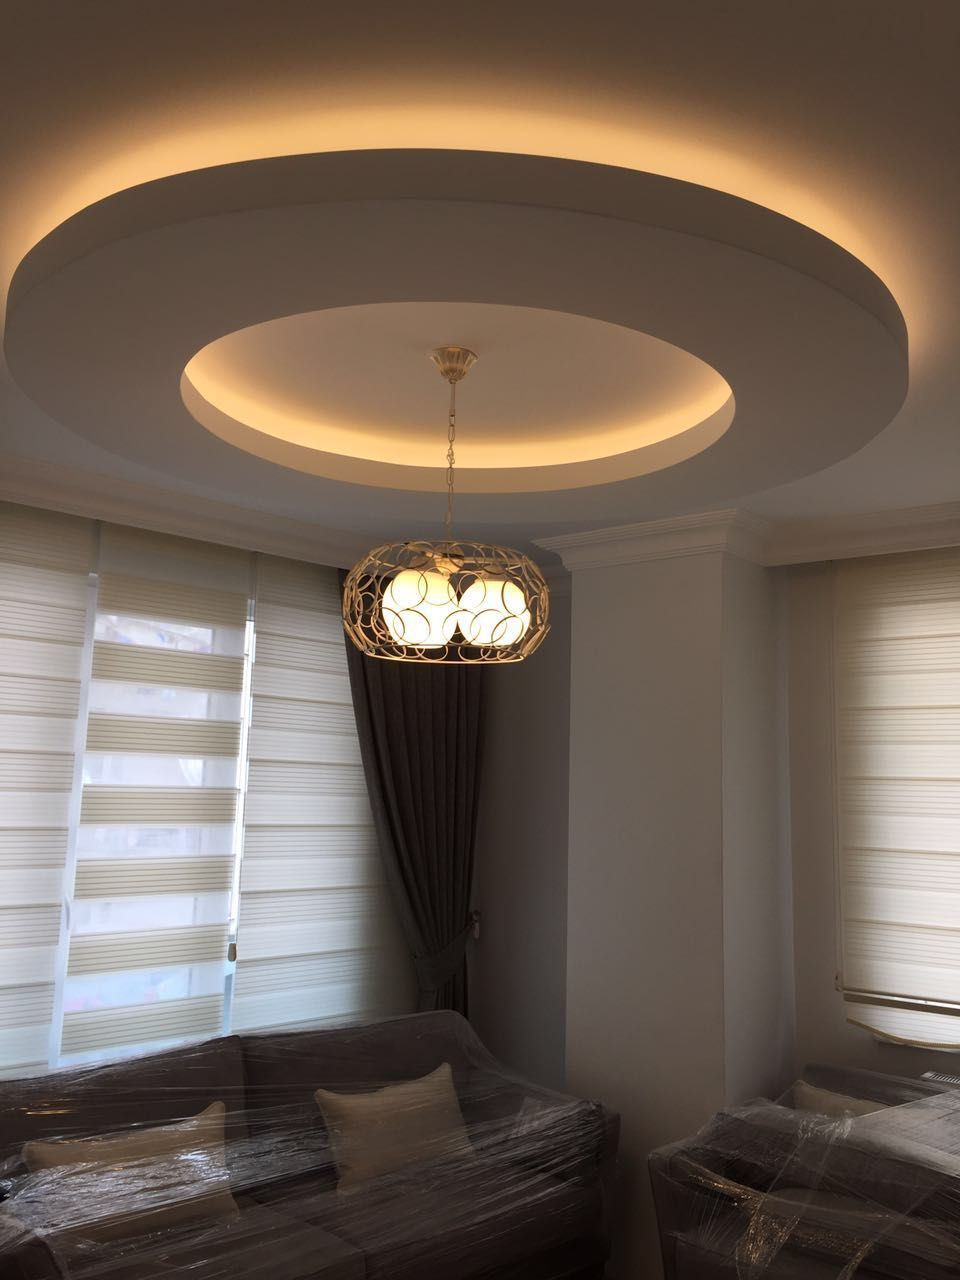 32 Inspirational Living Room Ideas Design Recyden Ceiling Design Living Room House Ceiling Design Ceiling Design Modern